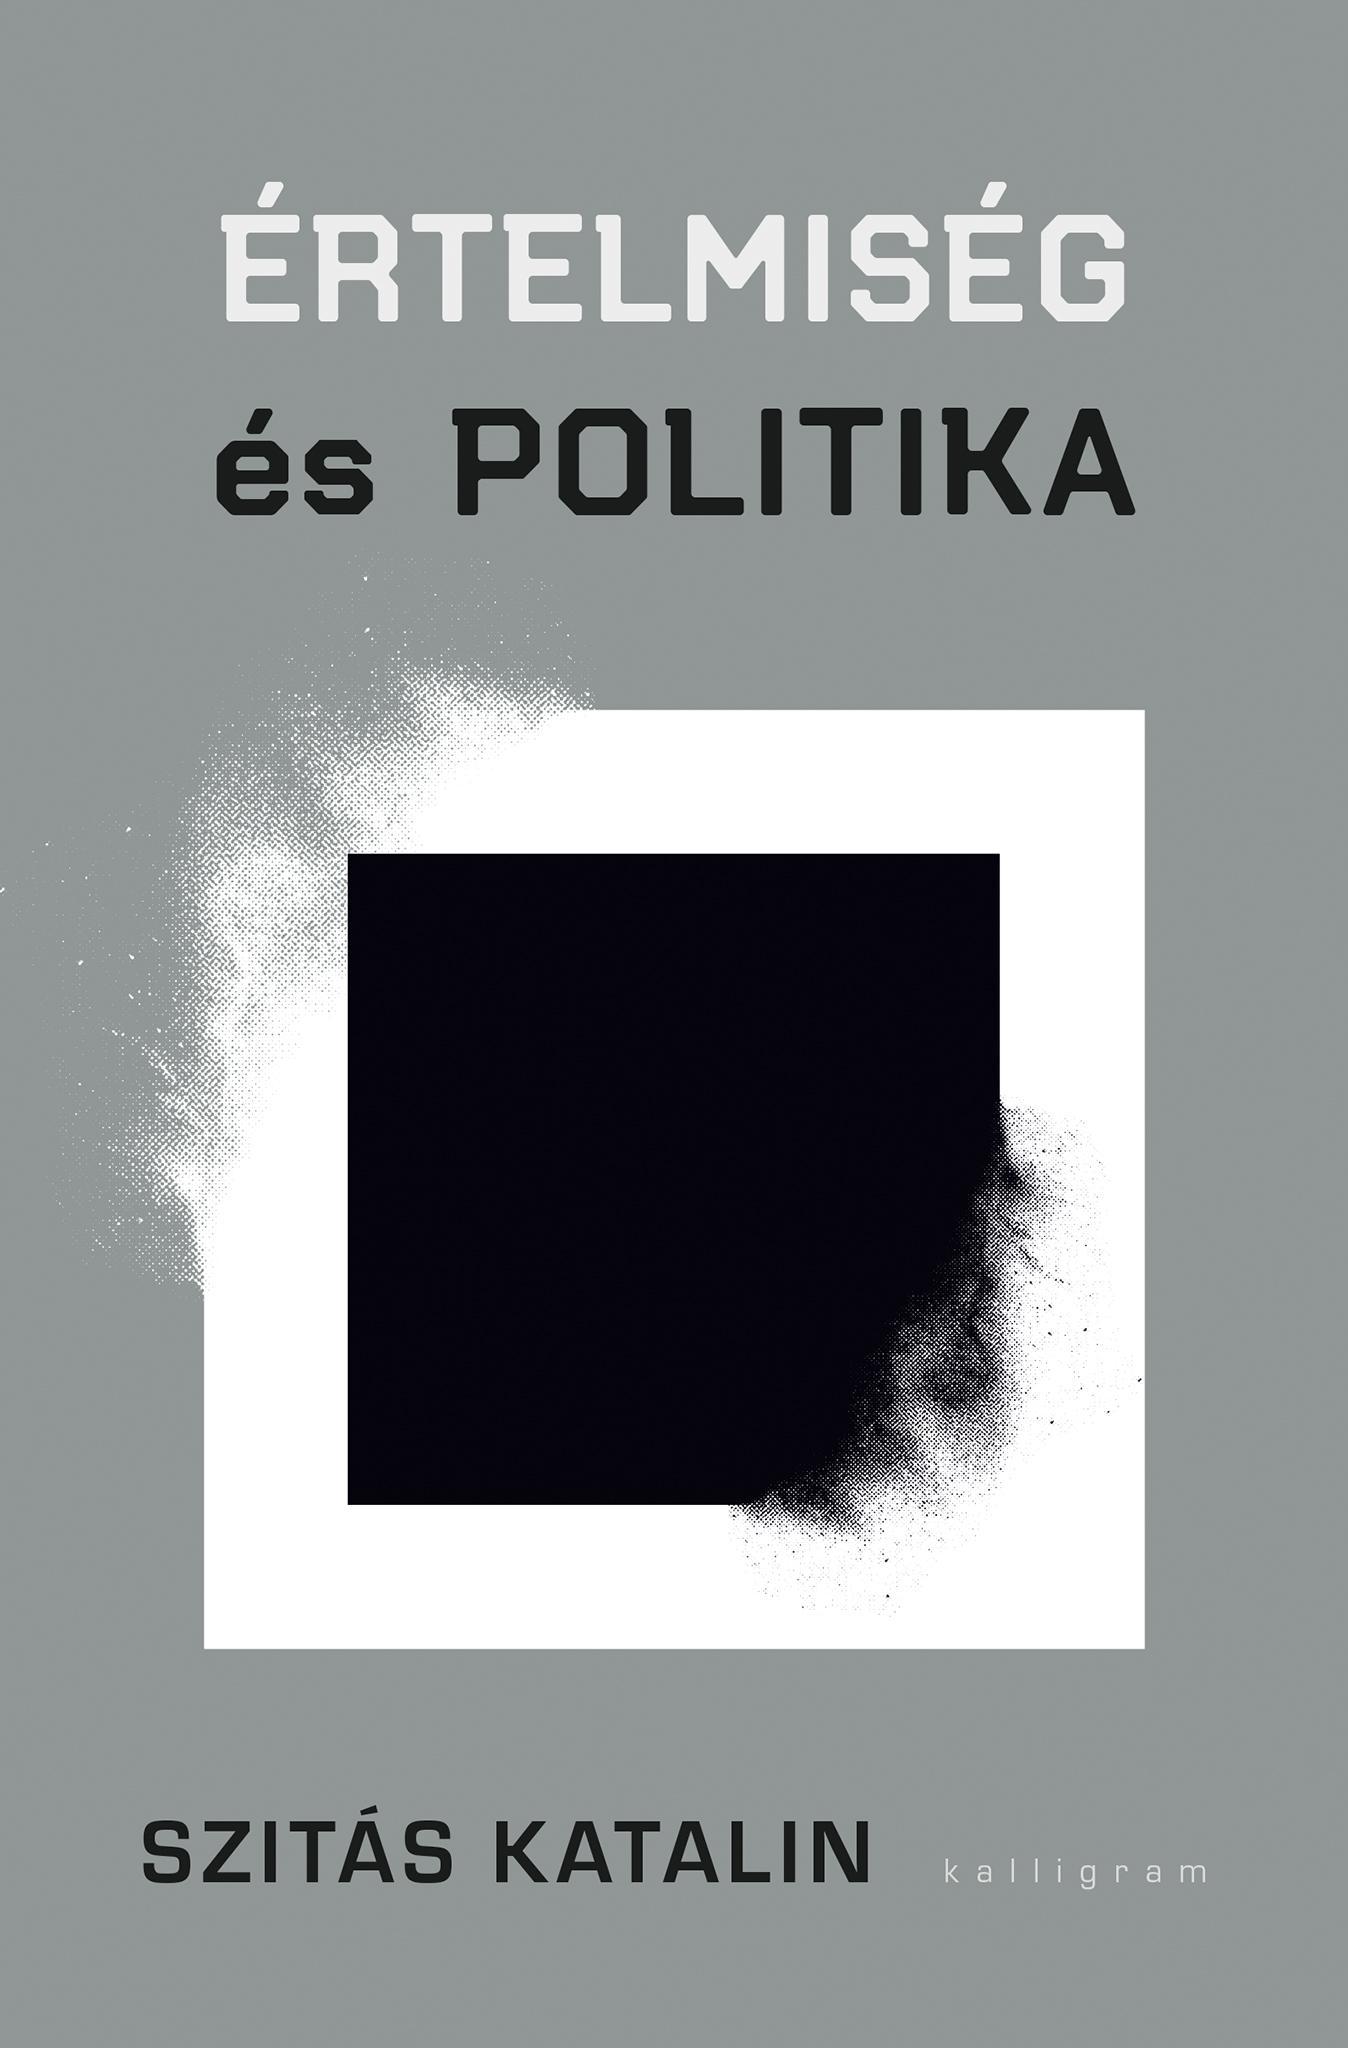 Szitás Katalin: Értelmiség és politika